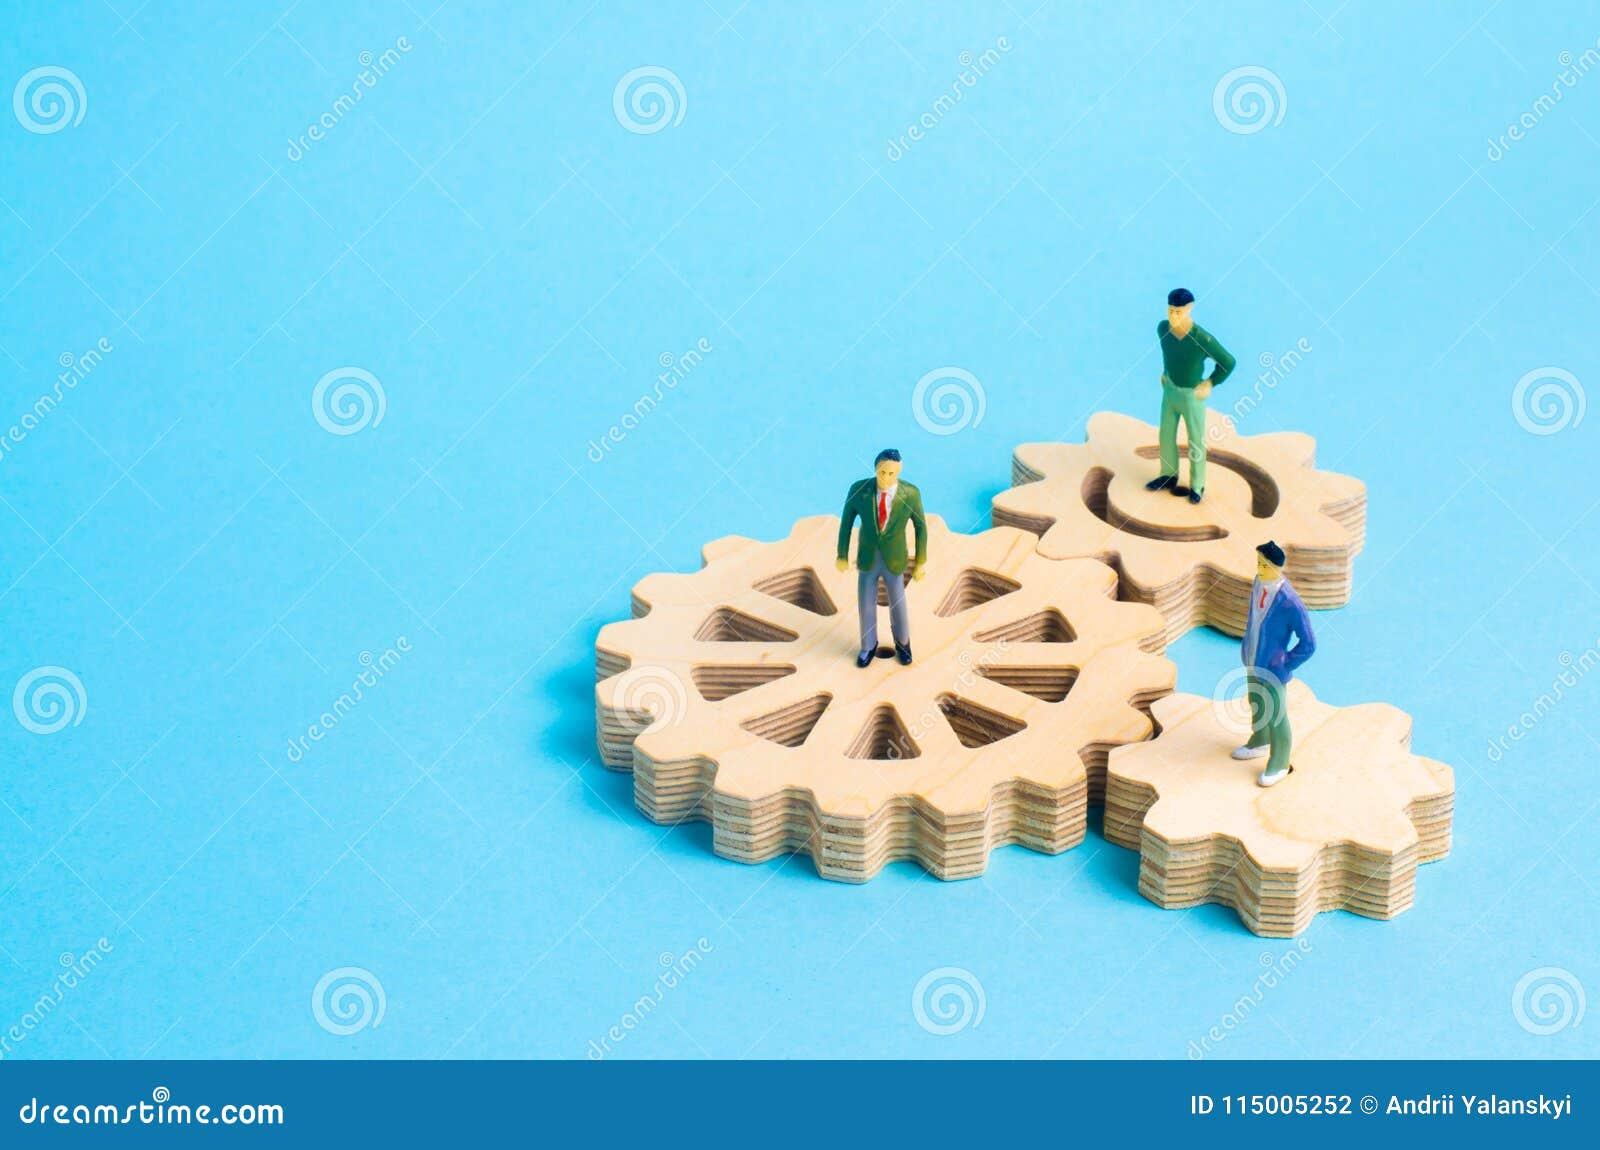 Стойка людей на шестернях Концепция идей и вкладов дела, сотрудничество и сыгранность с деловыми партнерами и работниками